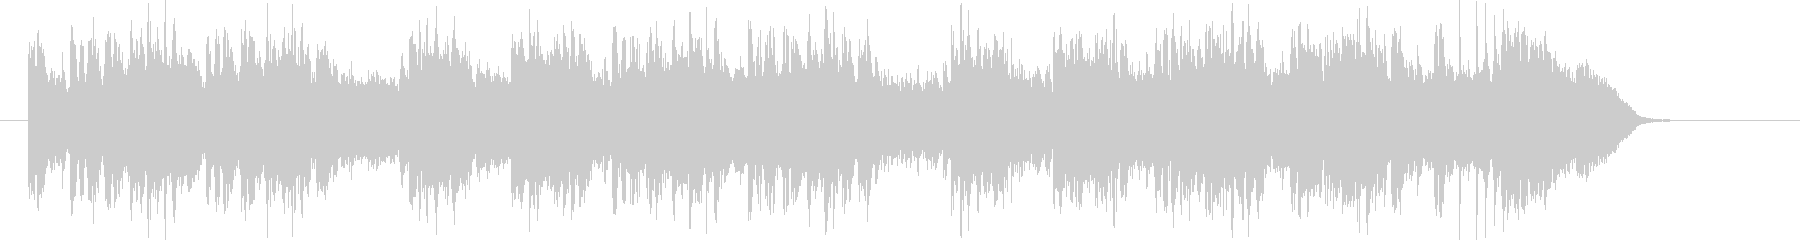 バンド演奏による優しい音色のジングル曲の未再生の波形